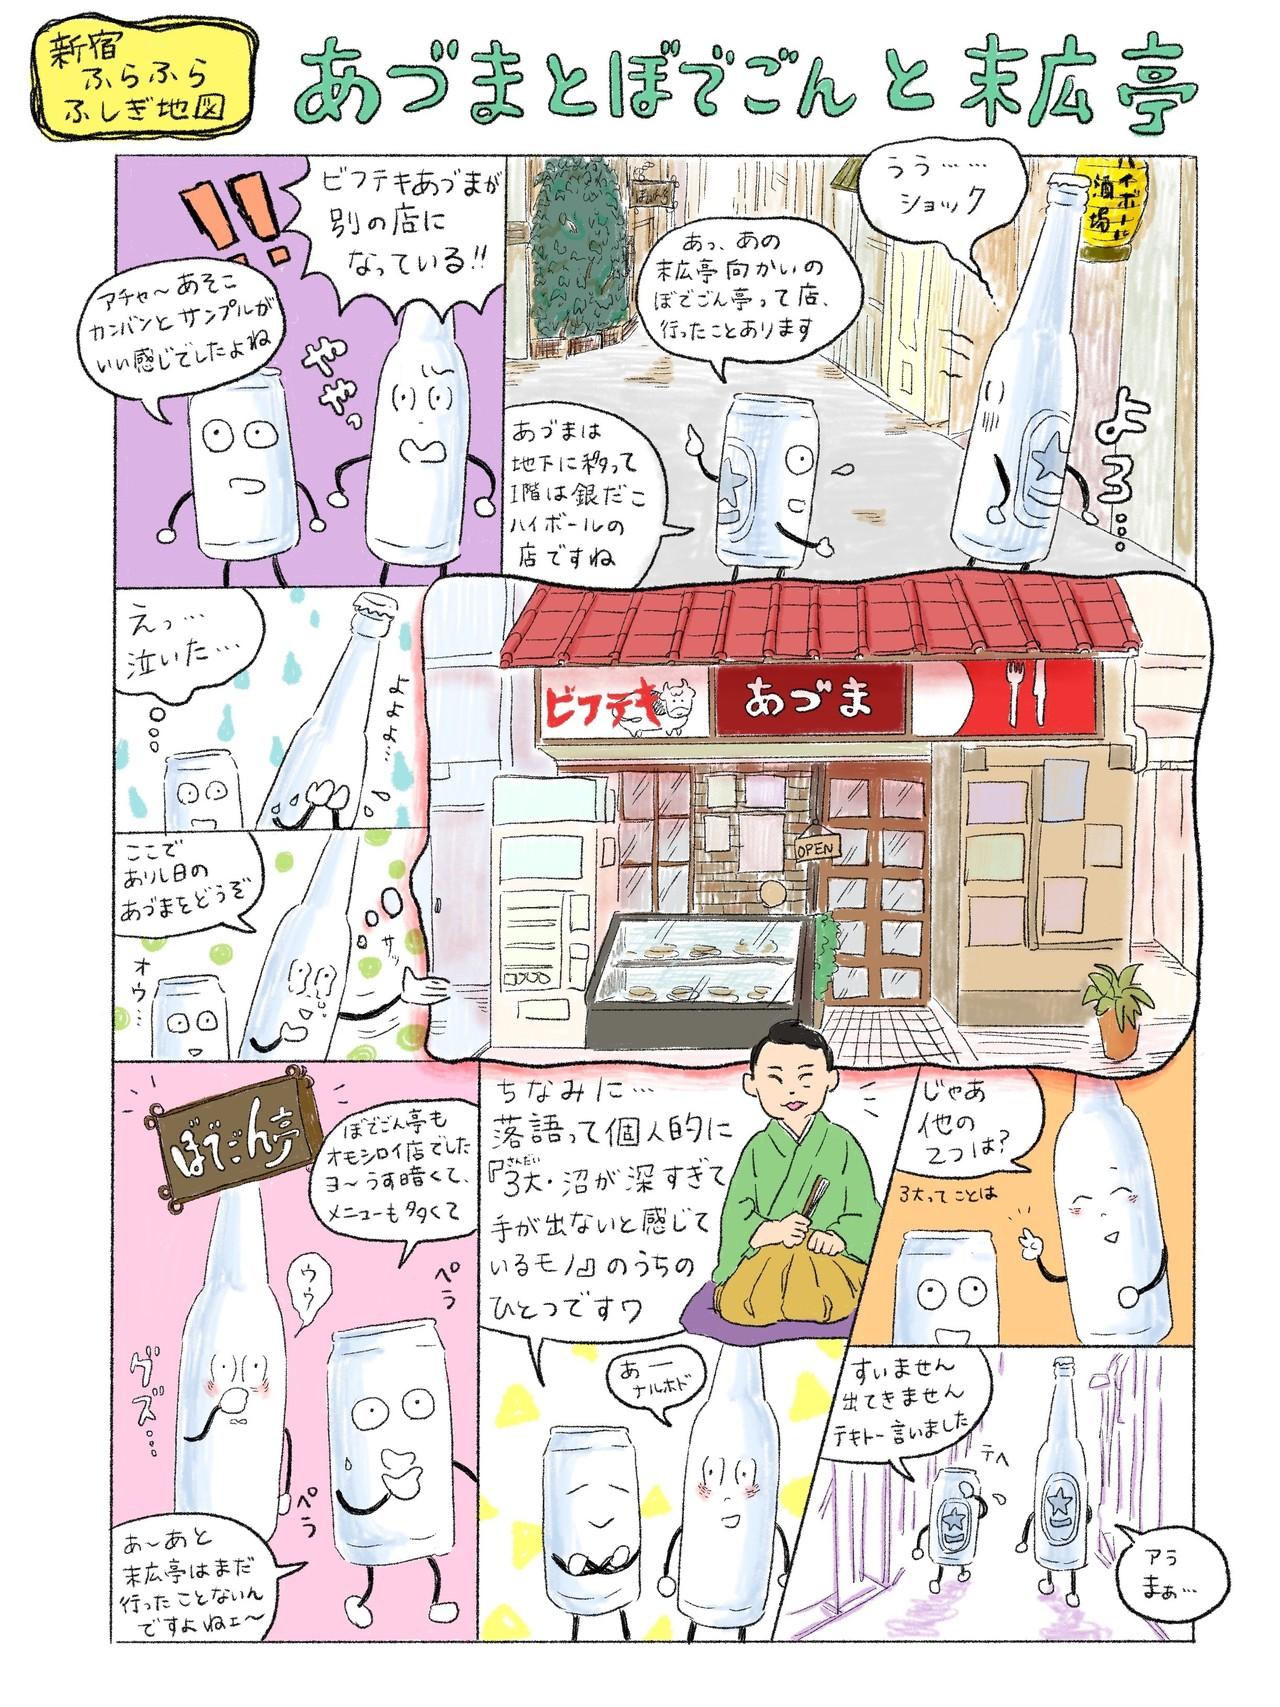 瓶ビール(高寺)と缶ビール(野田)の、かなりゆるめな新宿街あるきレポートです